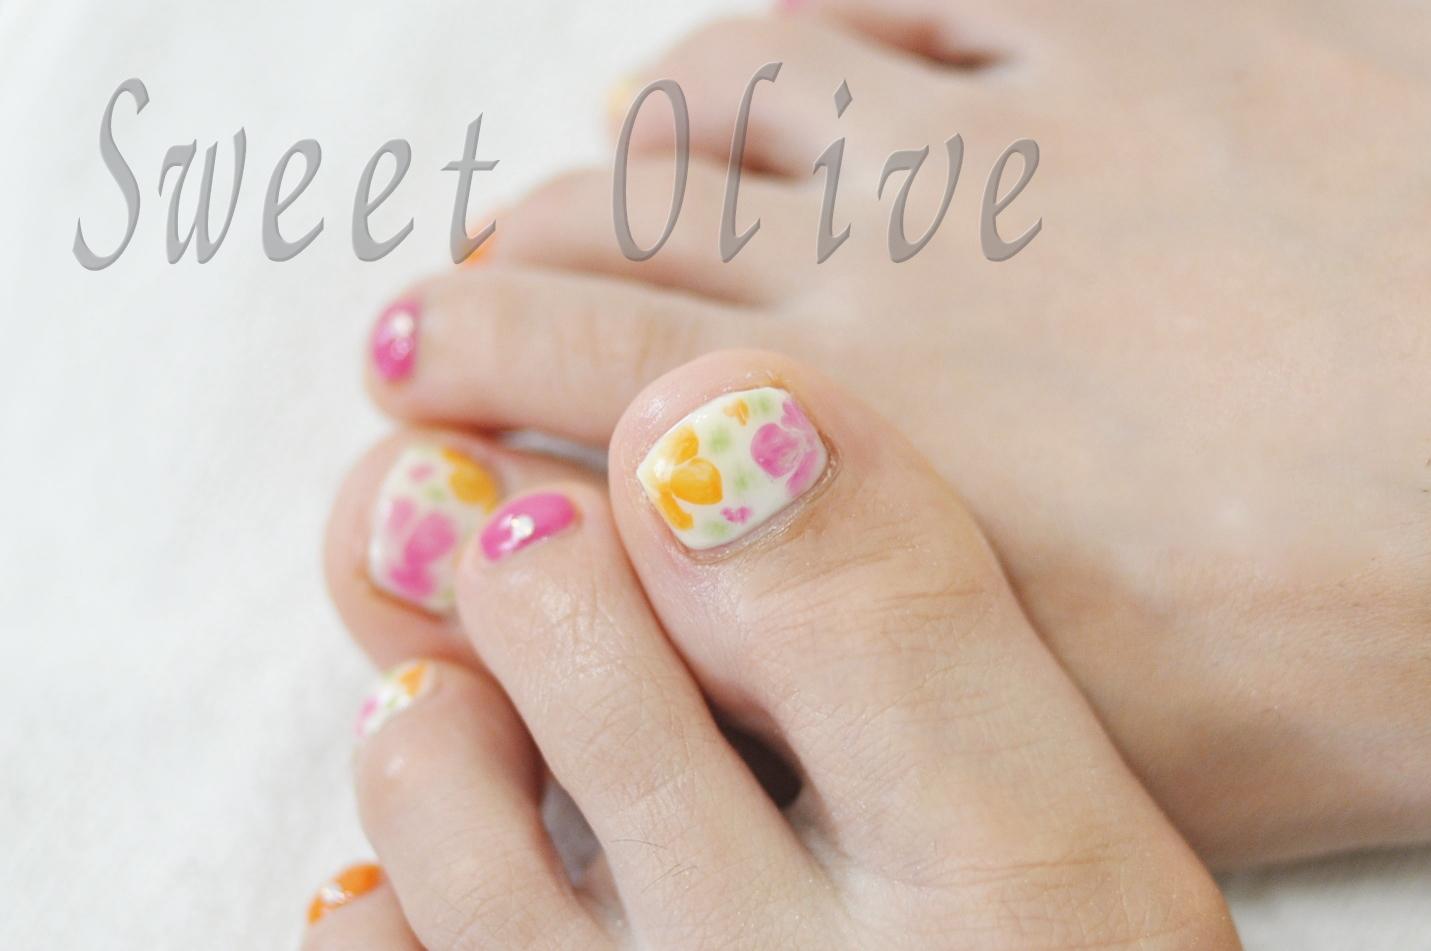 ピンク,オレンジ,フラワー柄,花柄,フットジェルネイル,初夏,デザイン,2015年